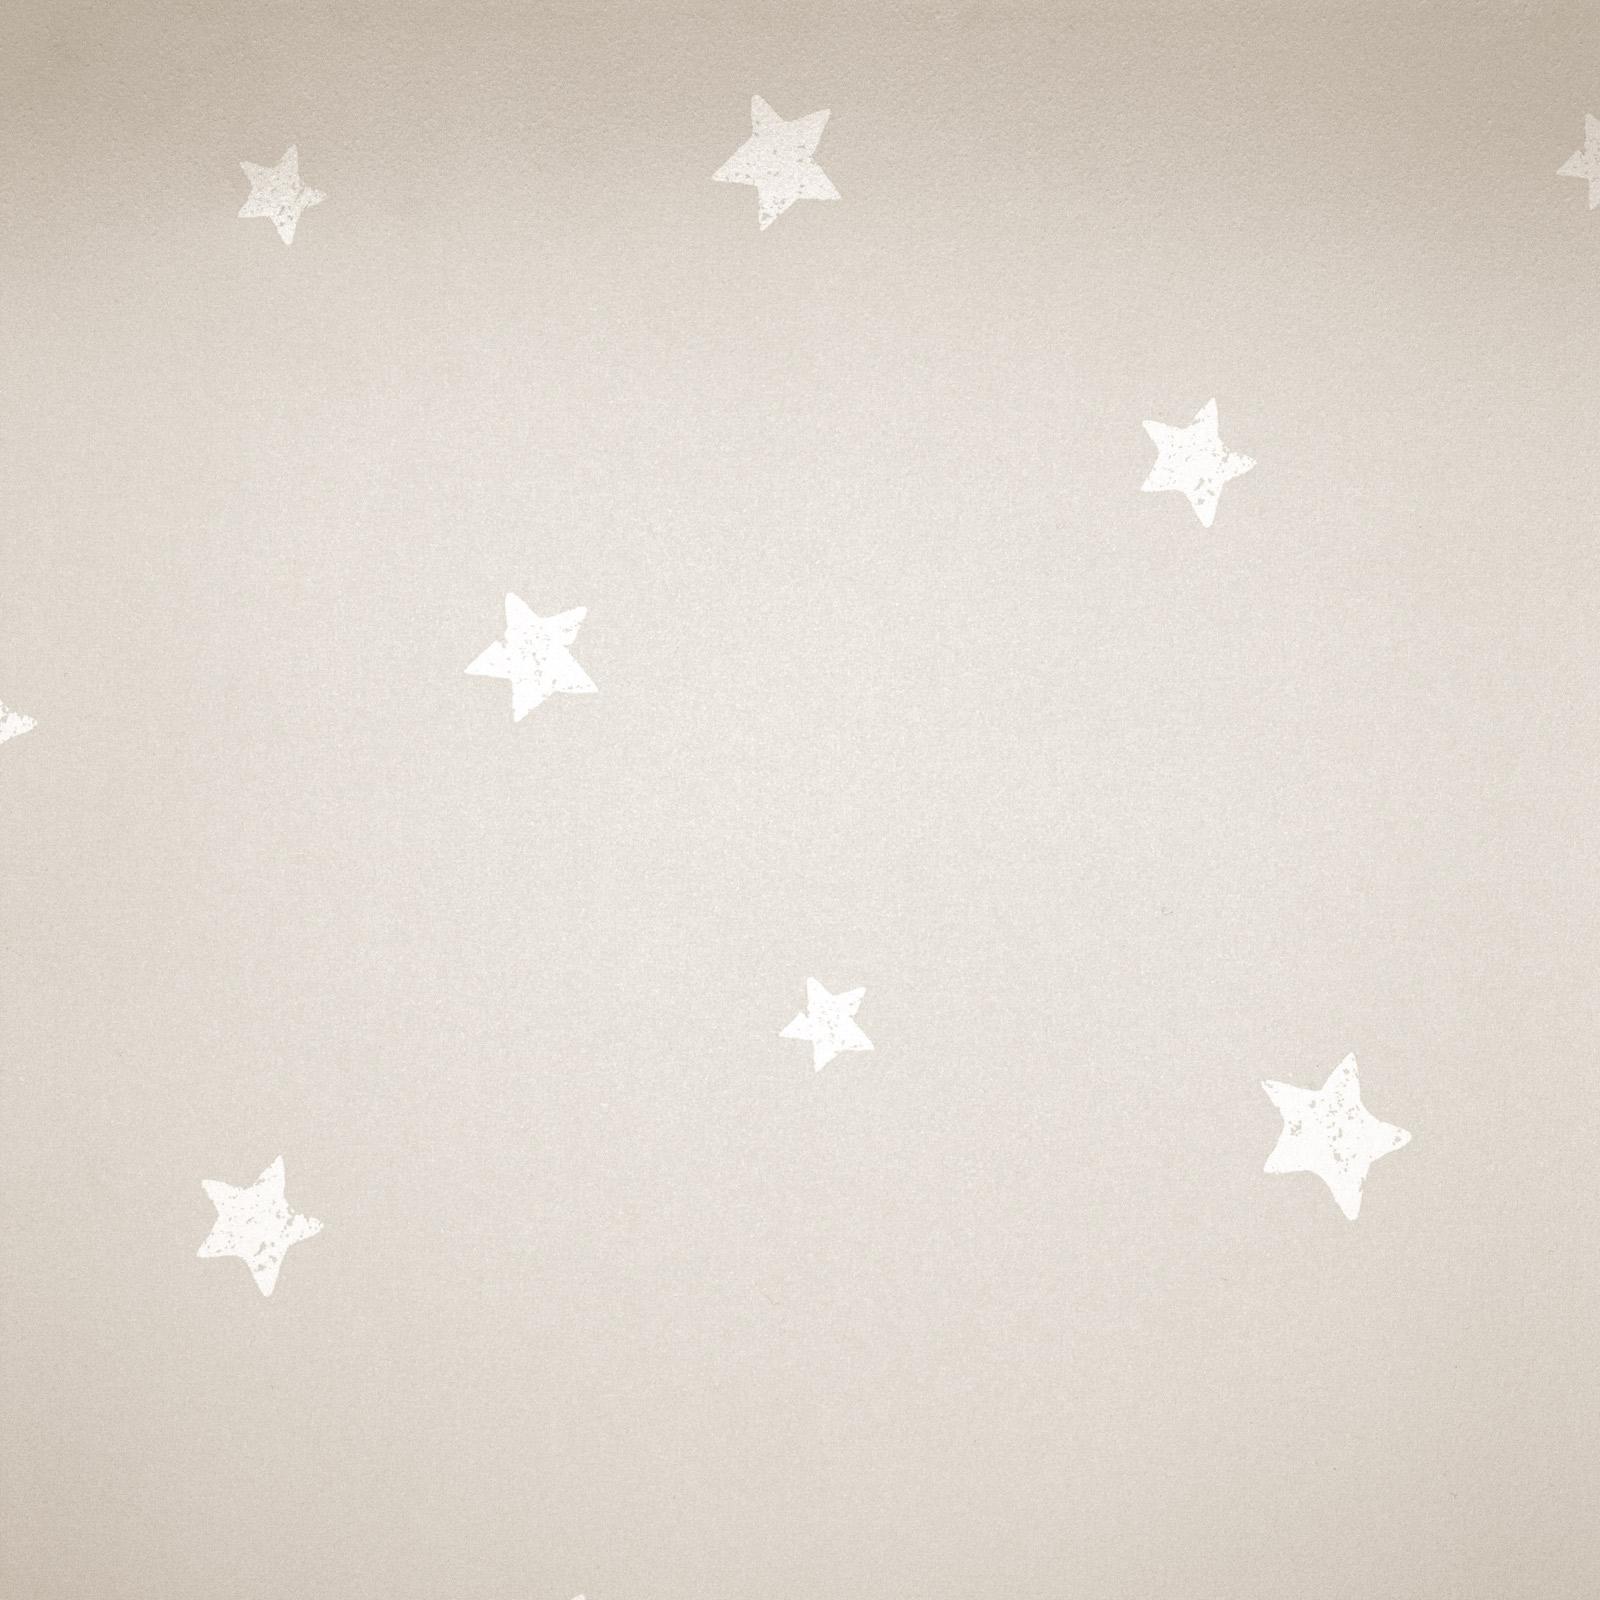 Comment enlever le papier peint facilement photographie - Comment enlever le papier peint rapidement ...